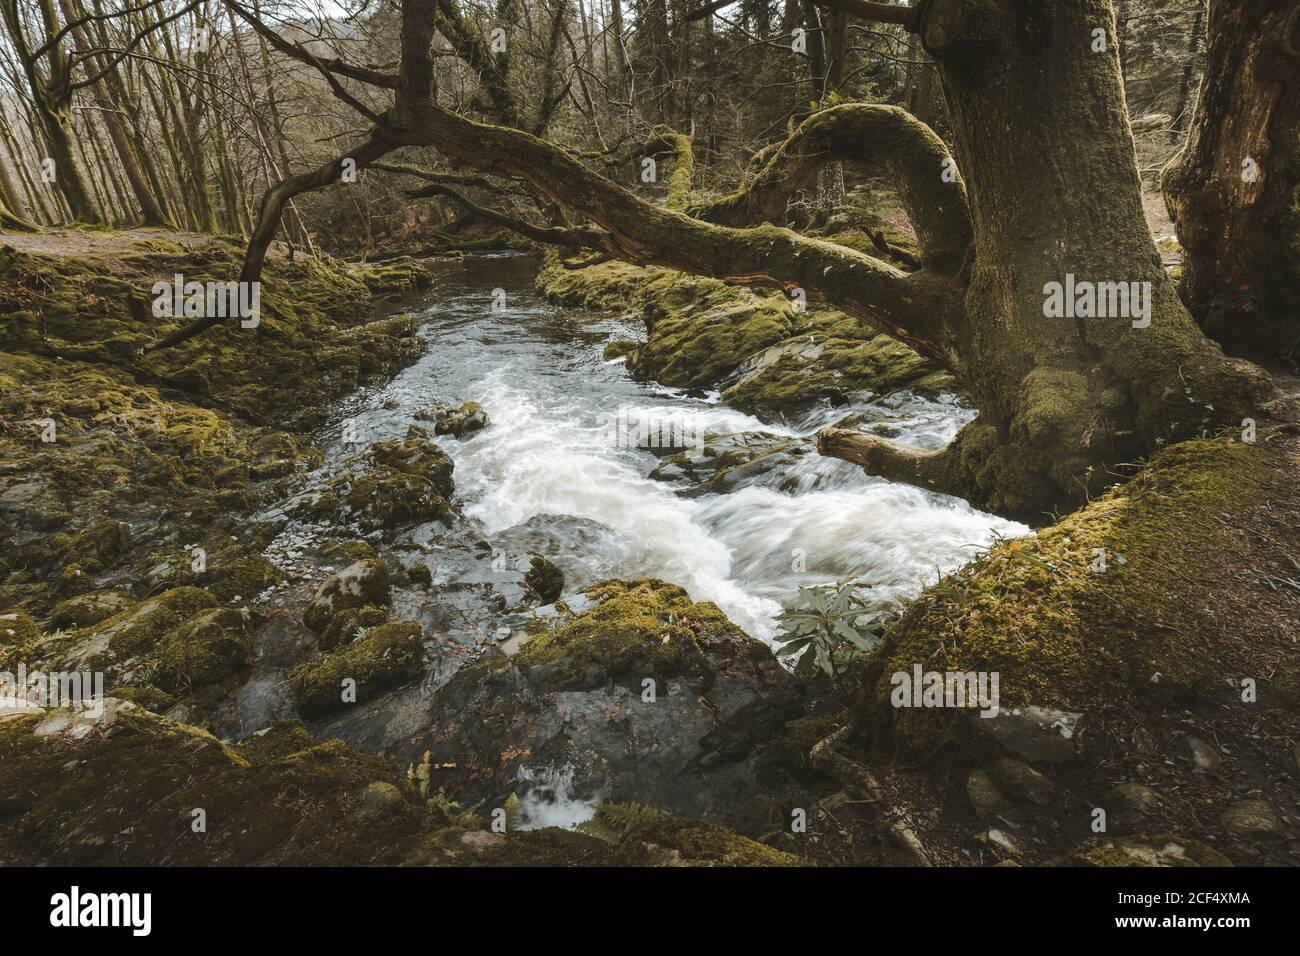 Paisaje primaveral de parque forestal con un pequeño río que fluye Entre los viejos árboles y piedras cubiertas de musgo en el norte Irlanda Foto de stock